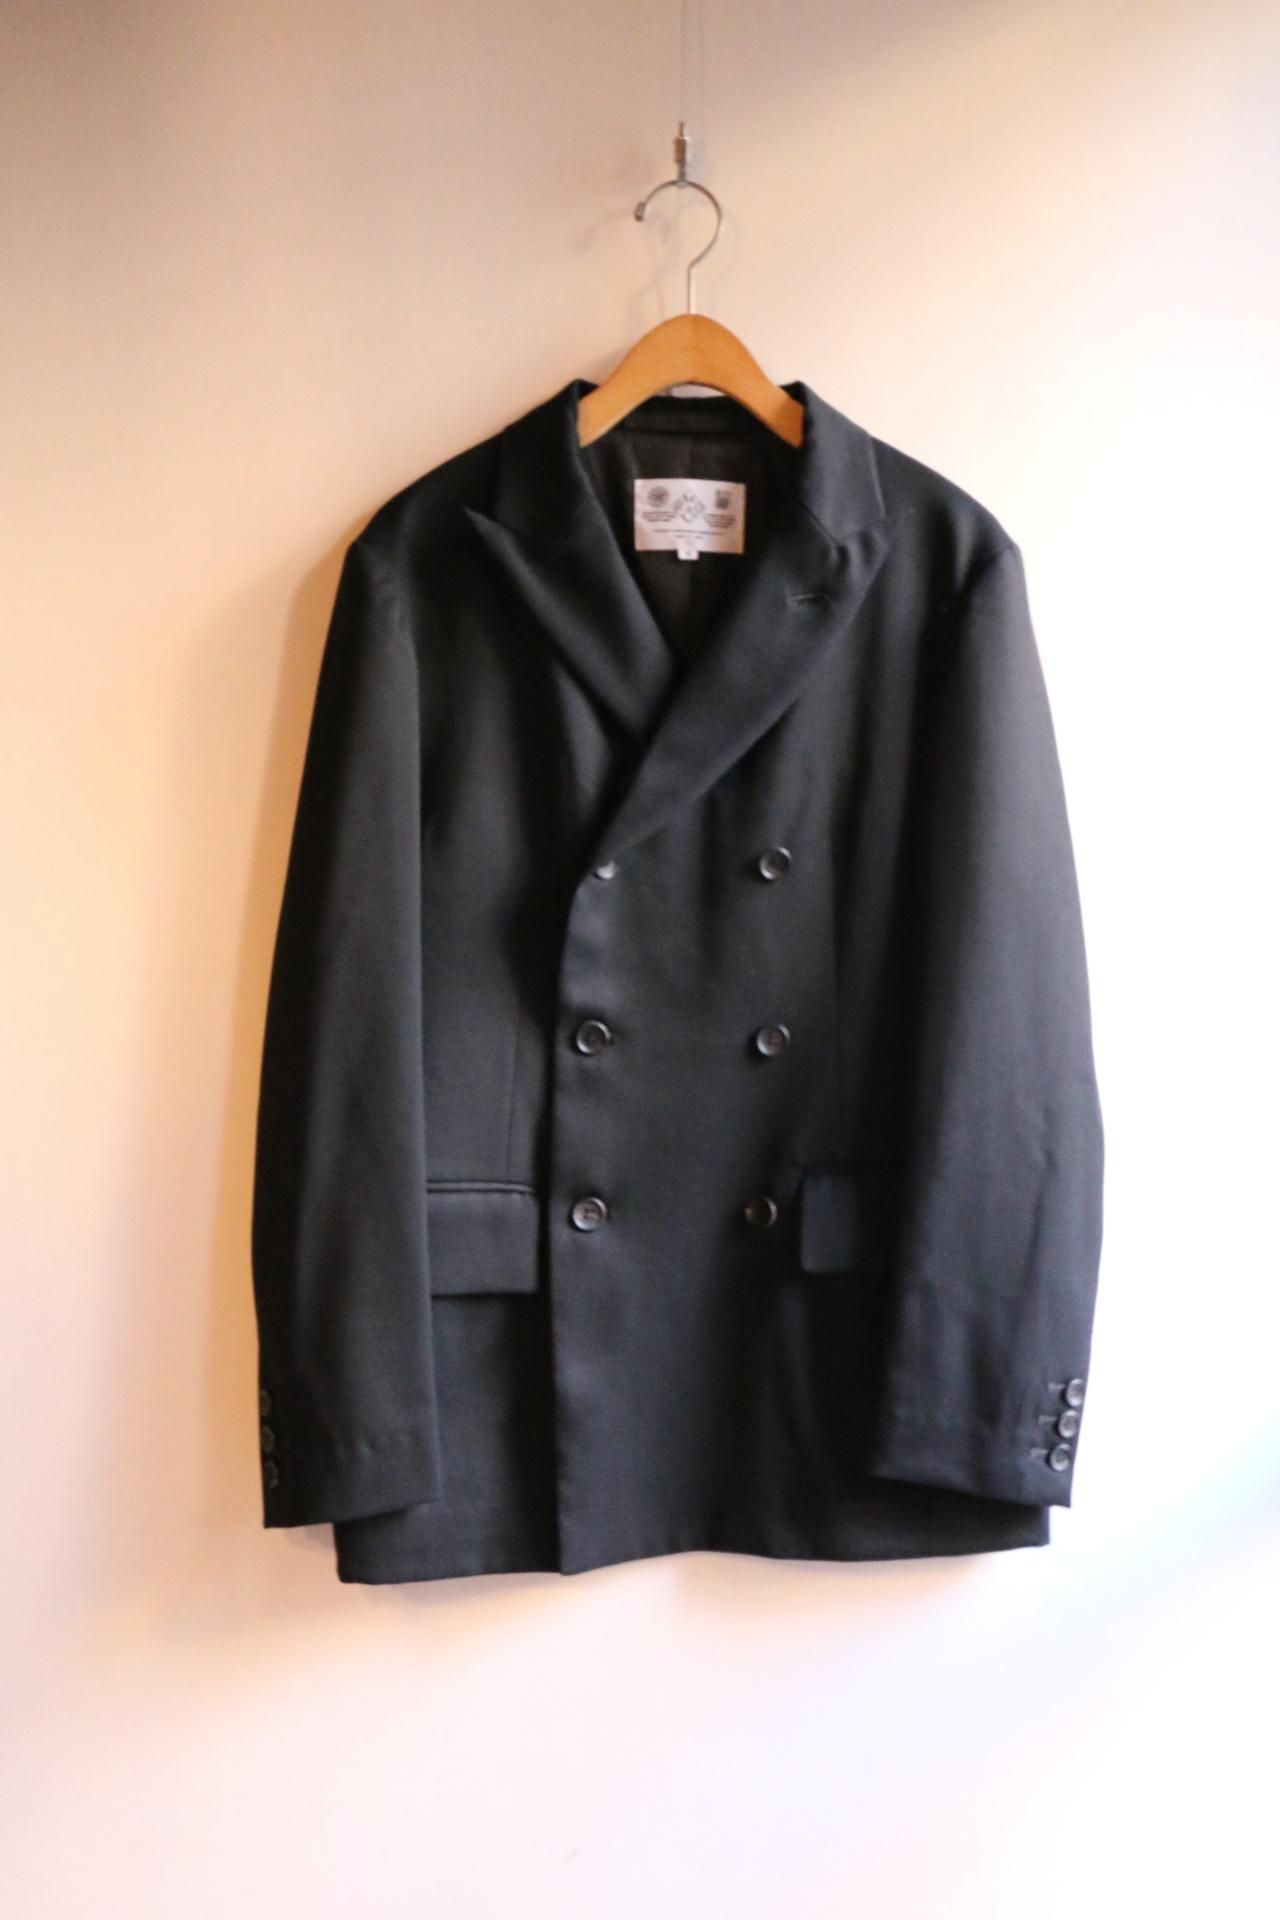 R&D.M.Co-/OLDMAN'S TAILOR W/Brested Jacket Black